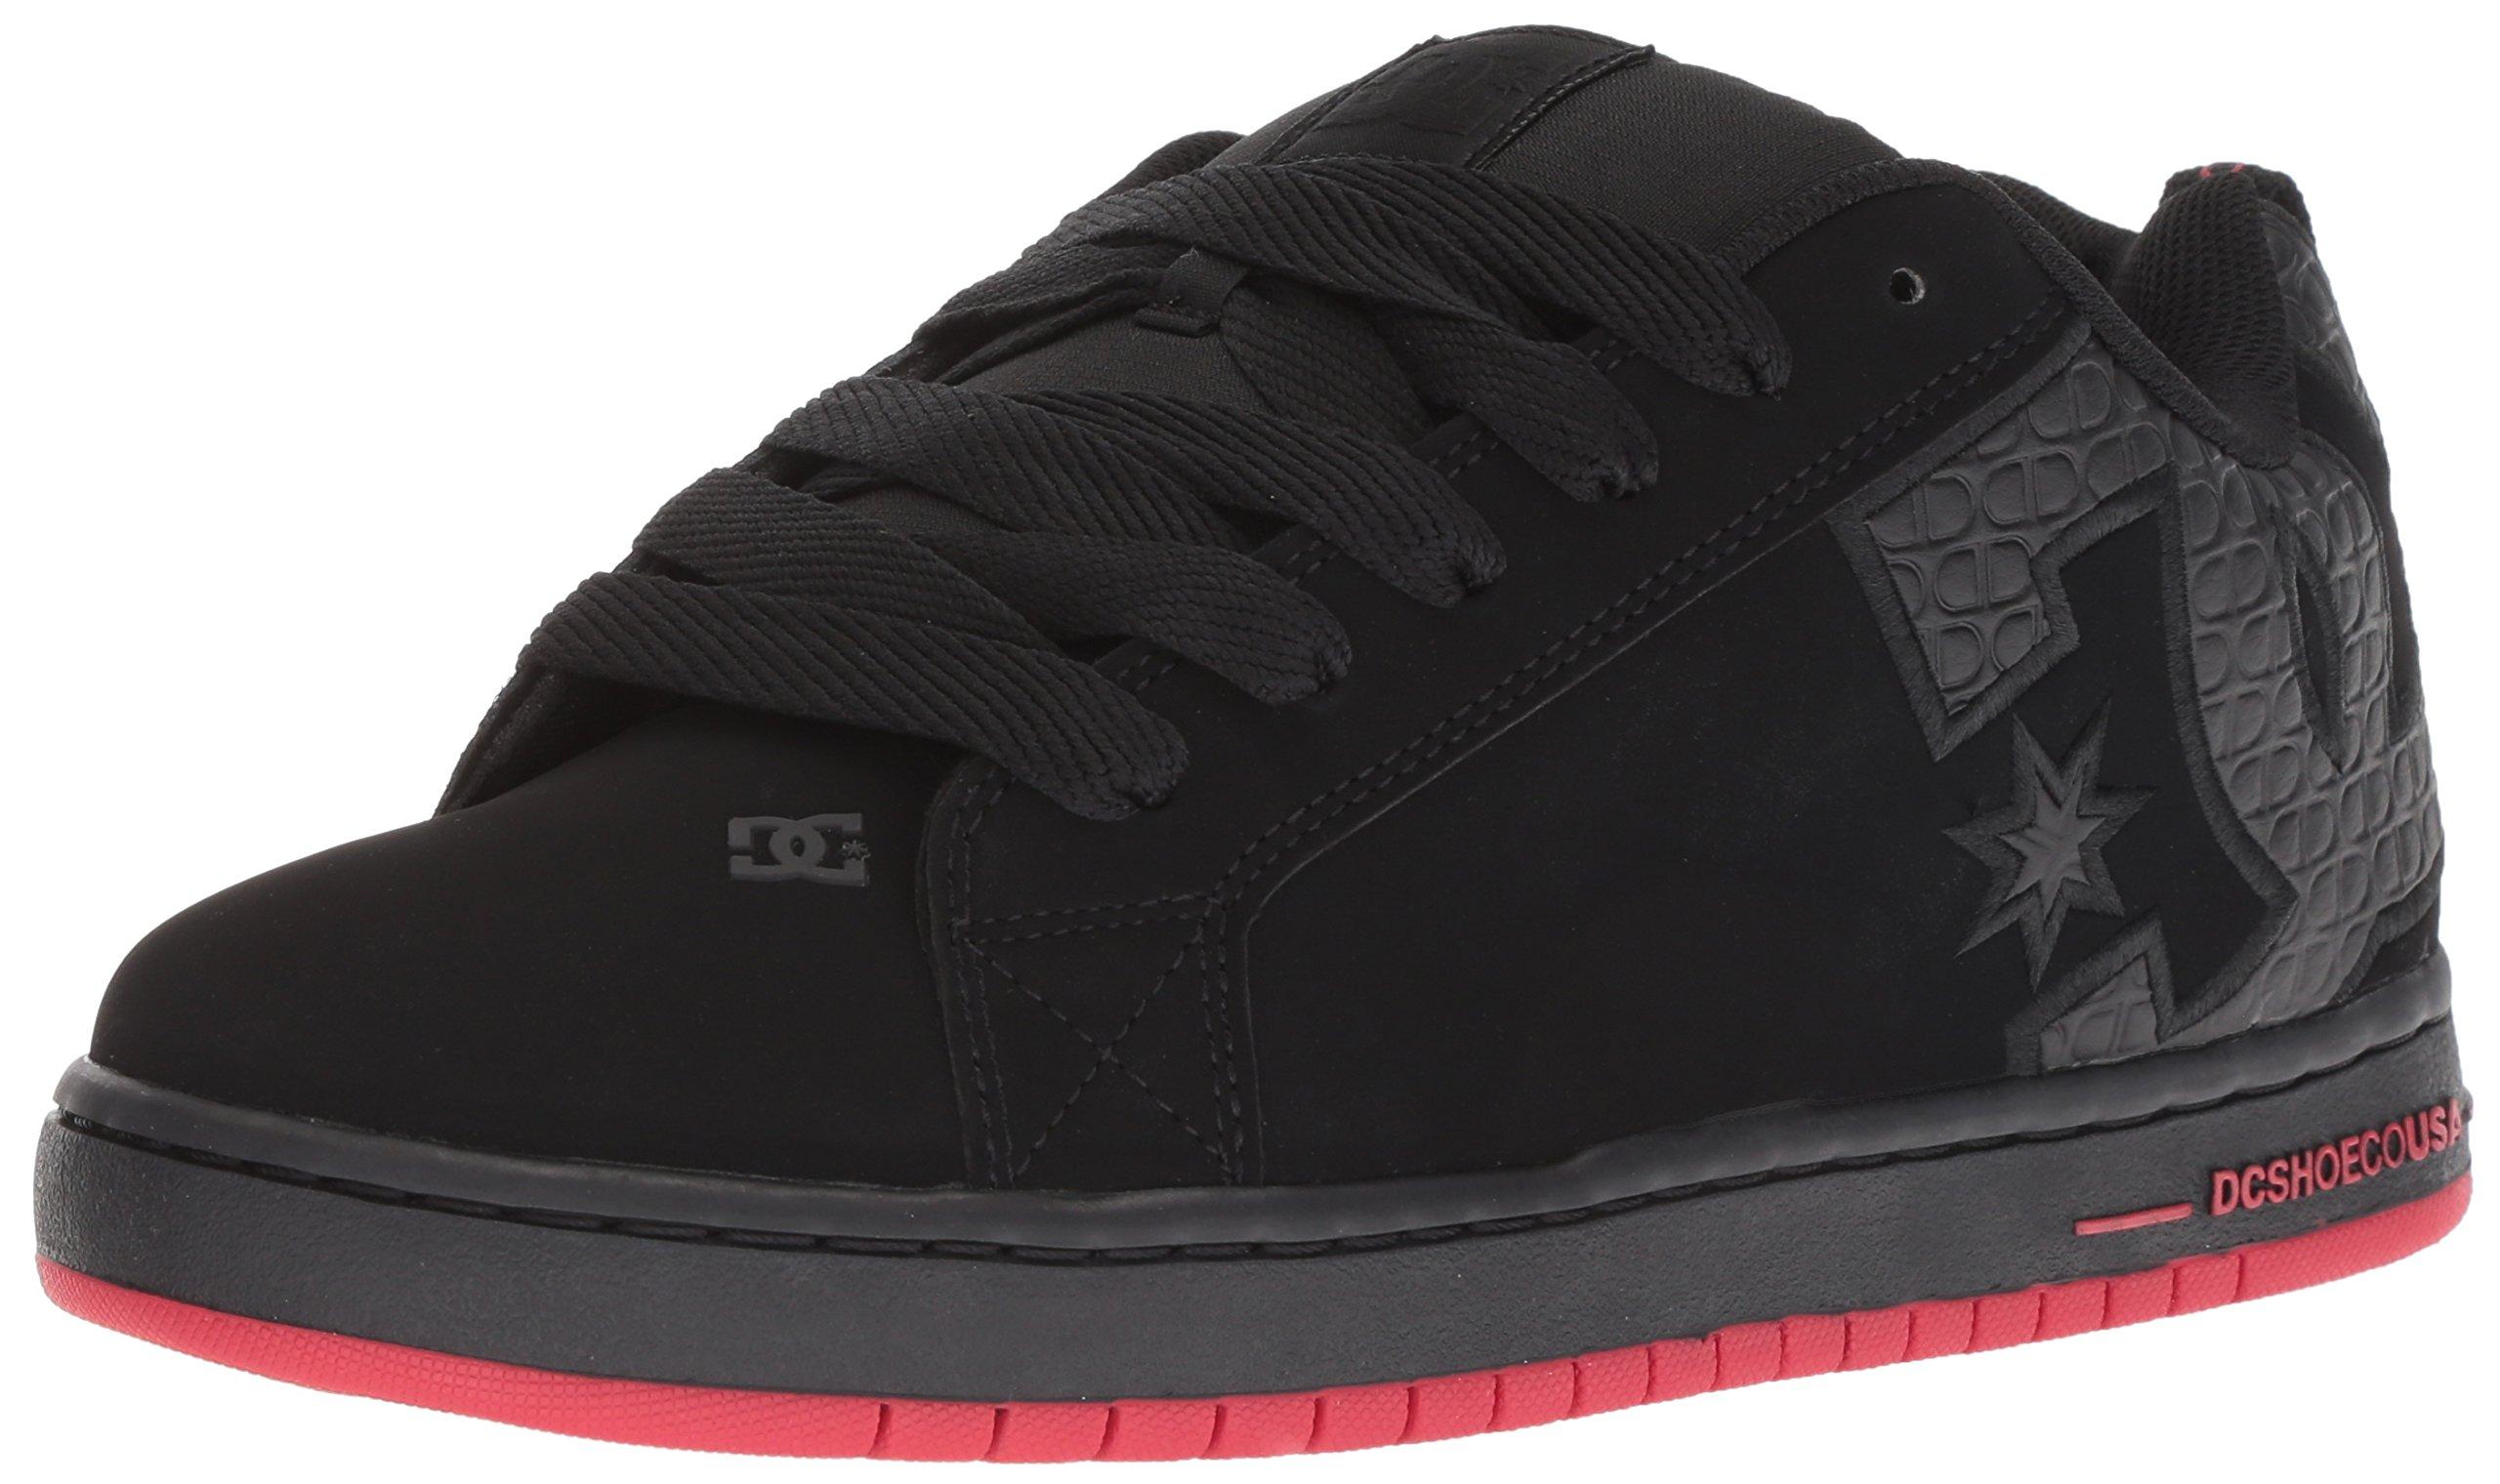 DC Men's Court Graffik SE Skate Shoe, Black/Red/Black, 13 Medium US by DC (Image #1)